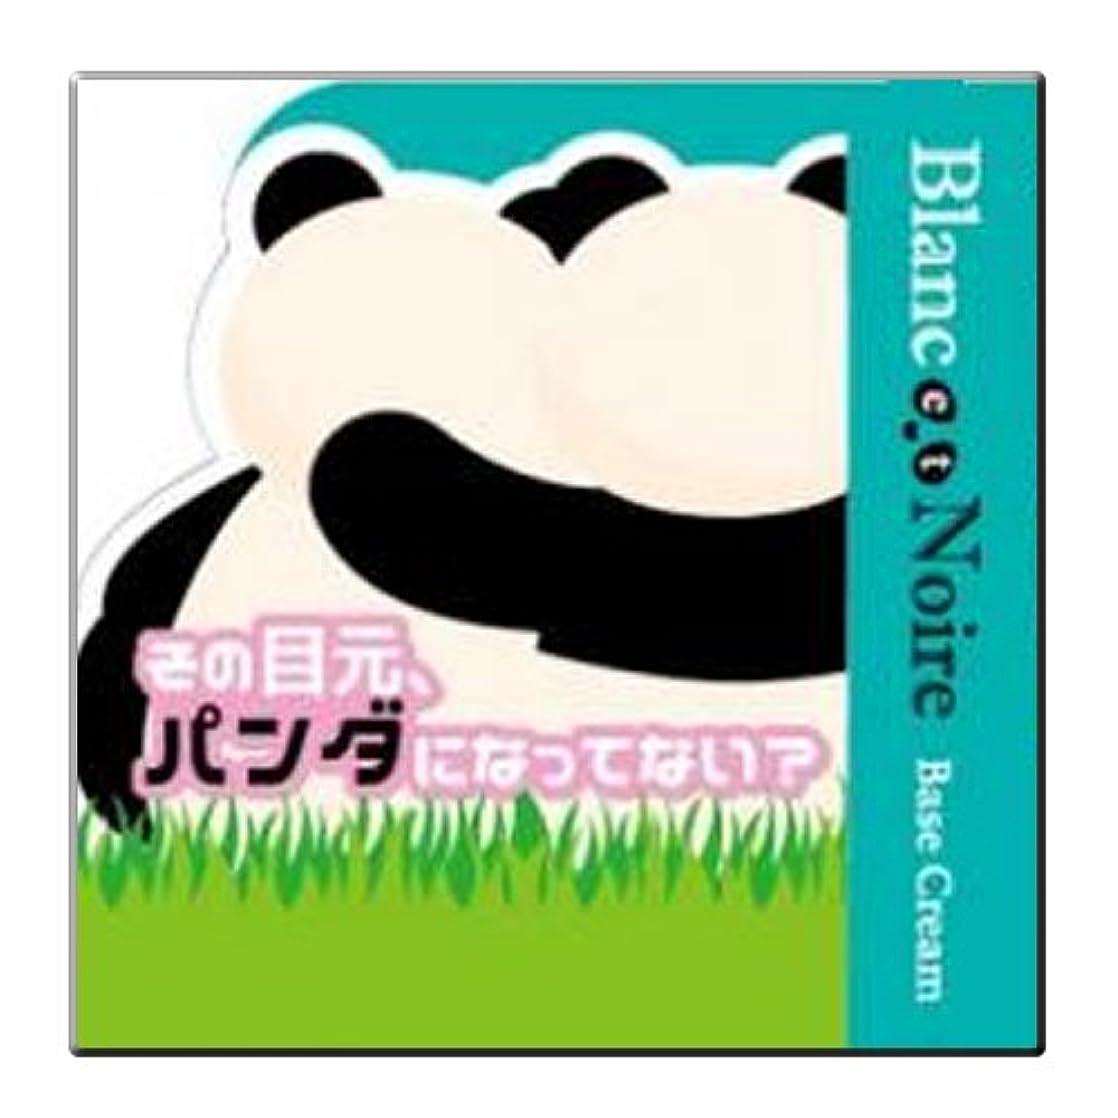 認める通行人スピーカーBlanc et Noire(ブラン エ ノアール) Base Cream(ベースクリーム) 薬用美白クリームファンデーション 医薬部外品 15g